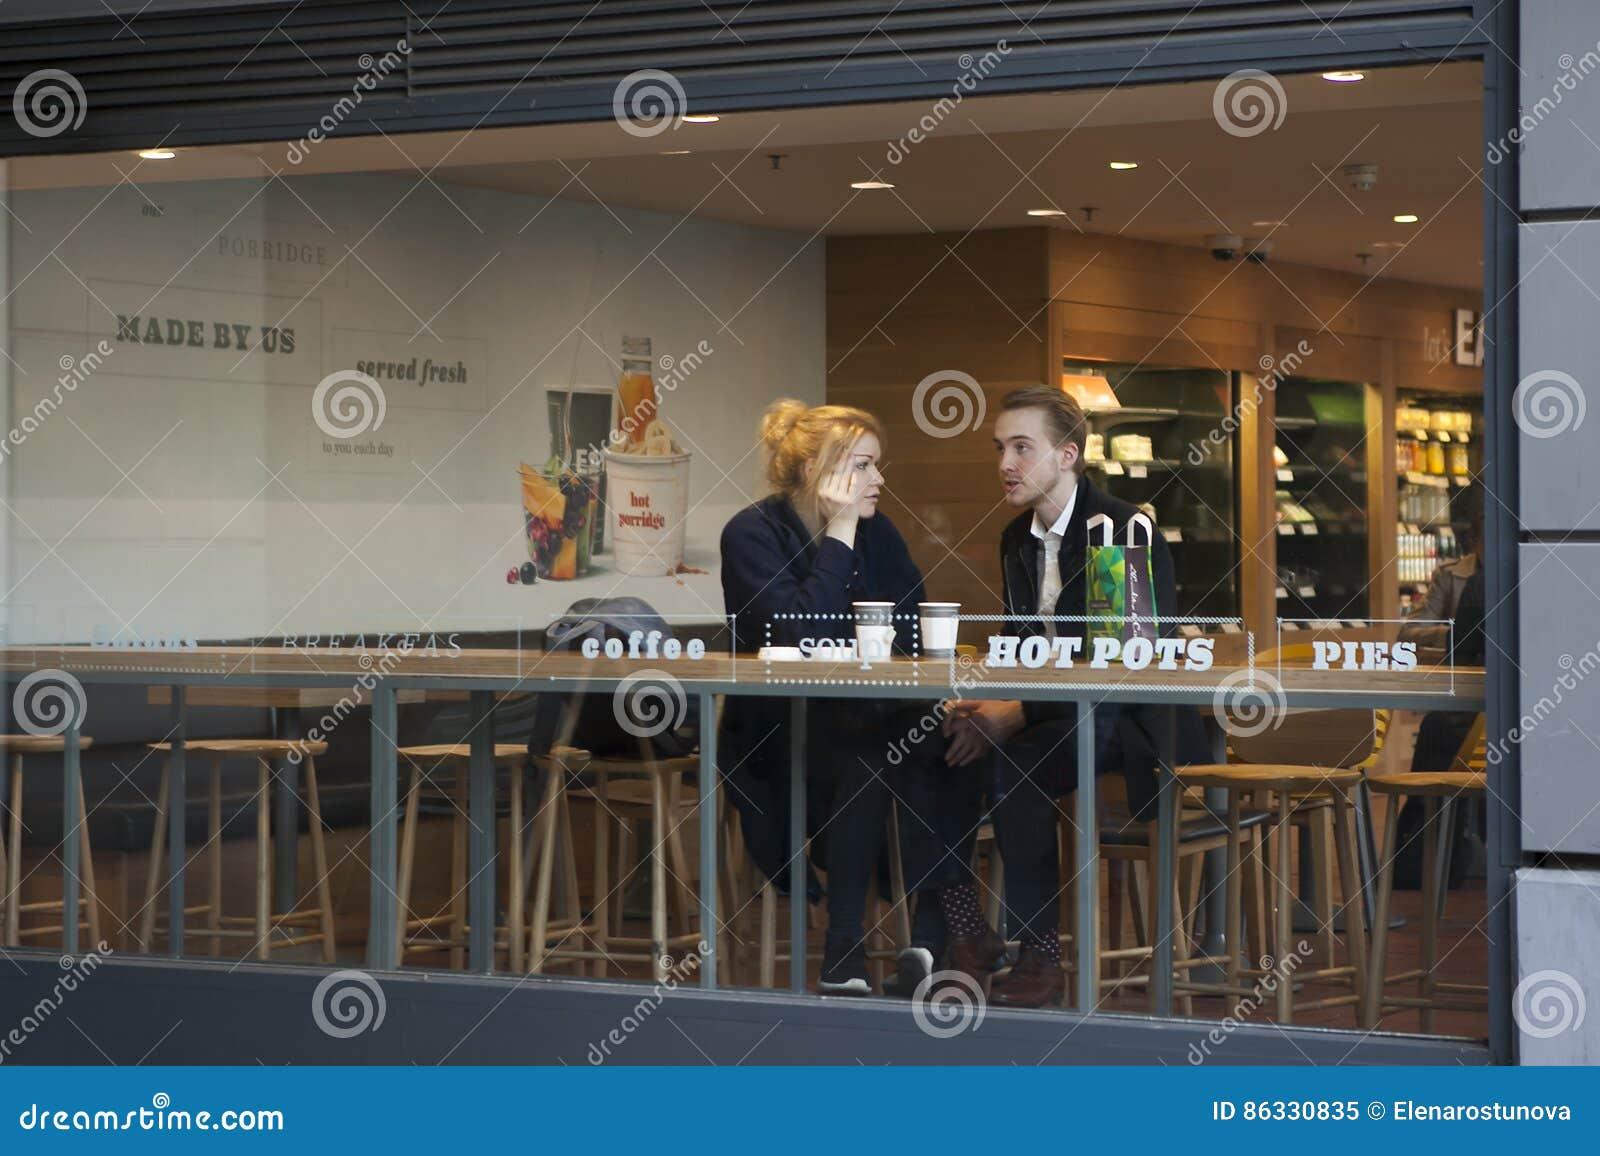 Dating cafe uk london